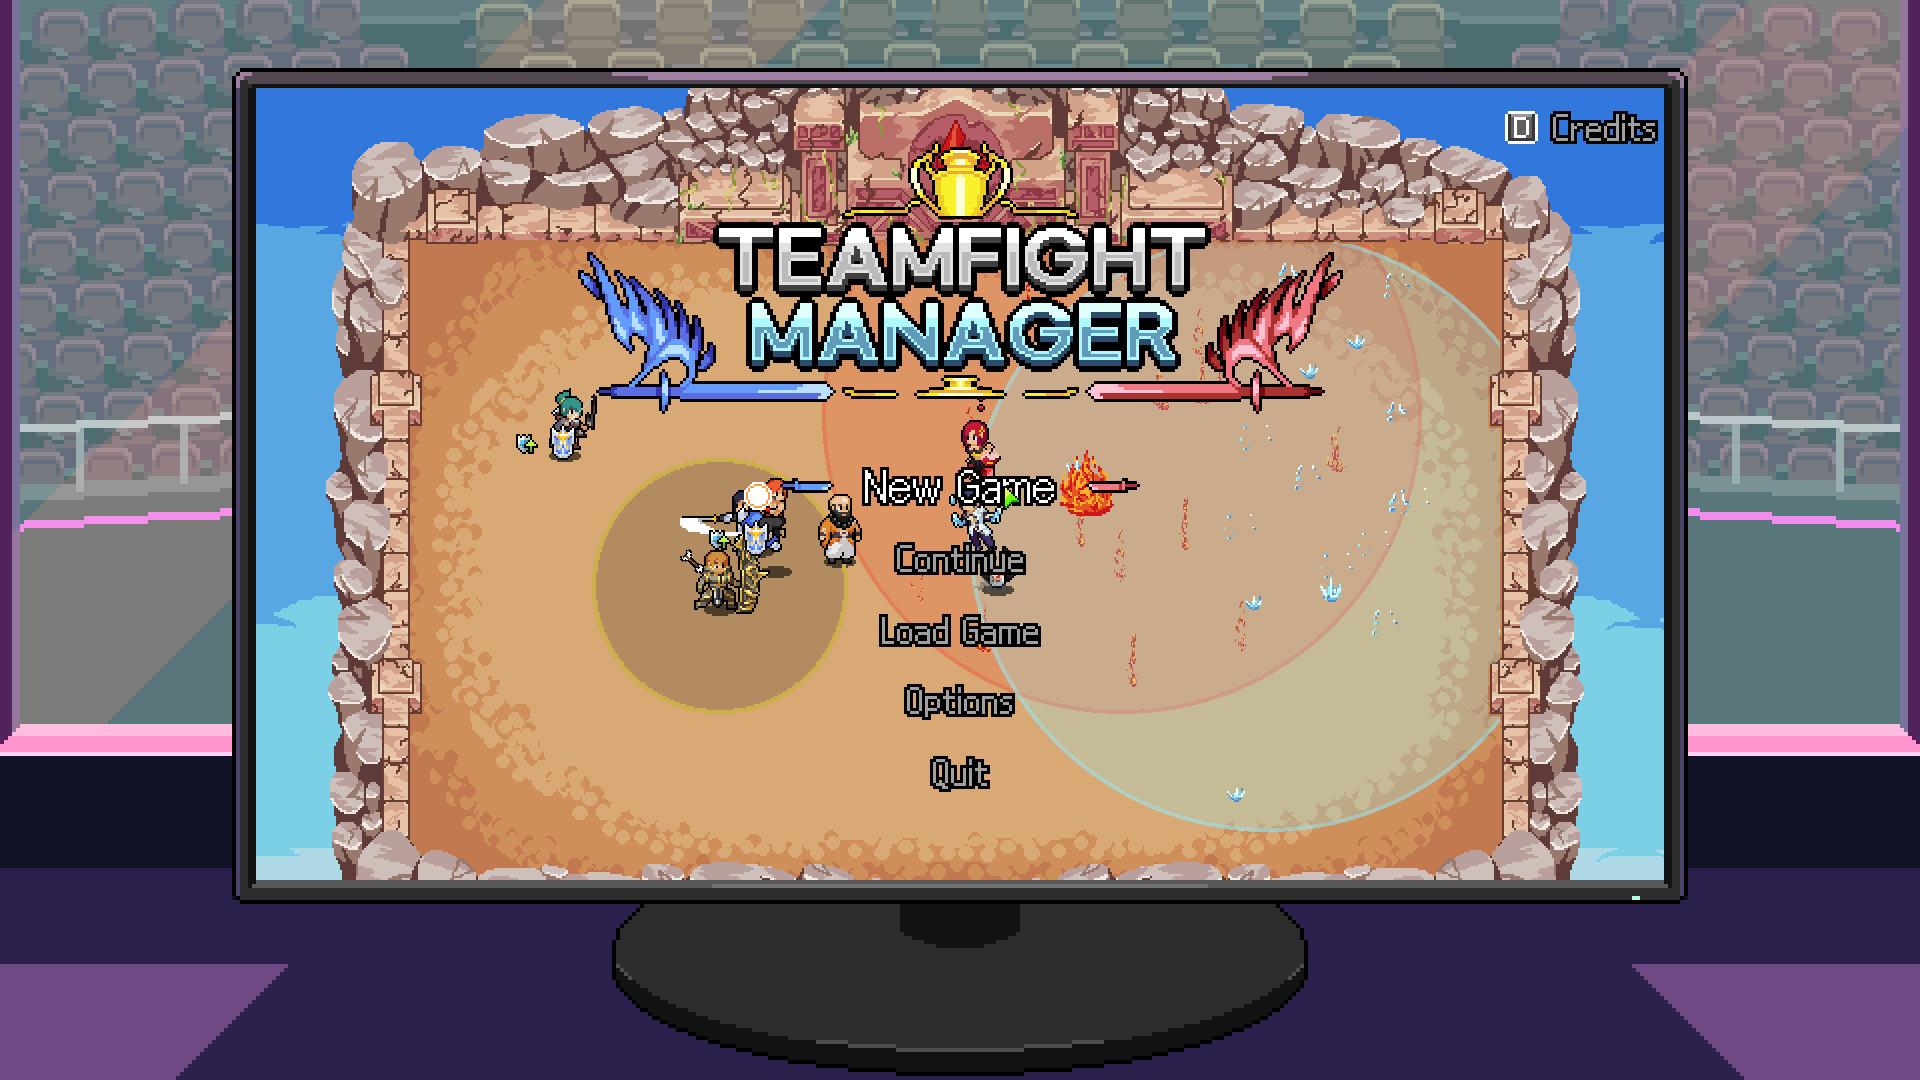 团战经理 Teamfight Manager